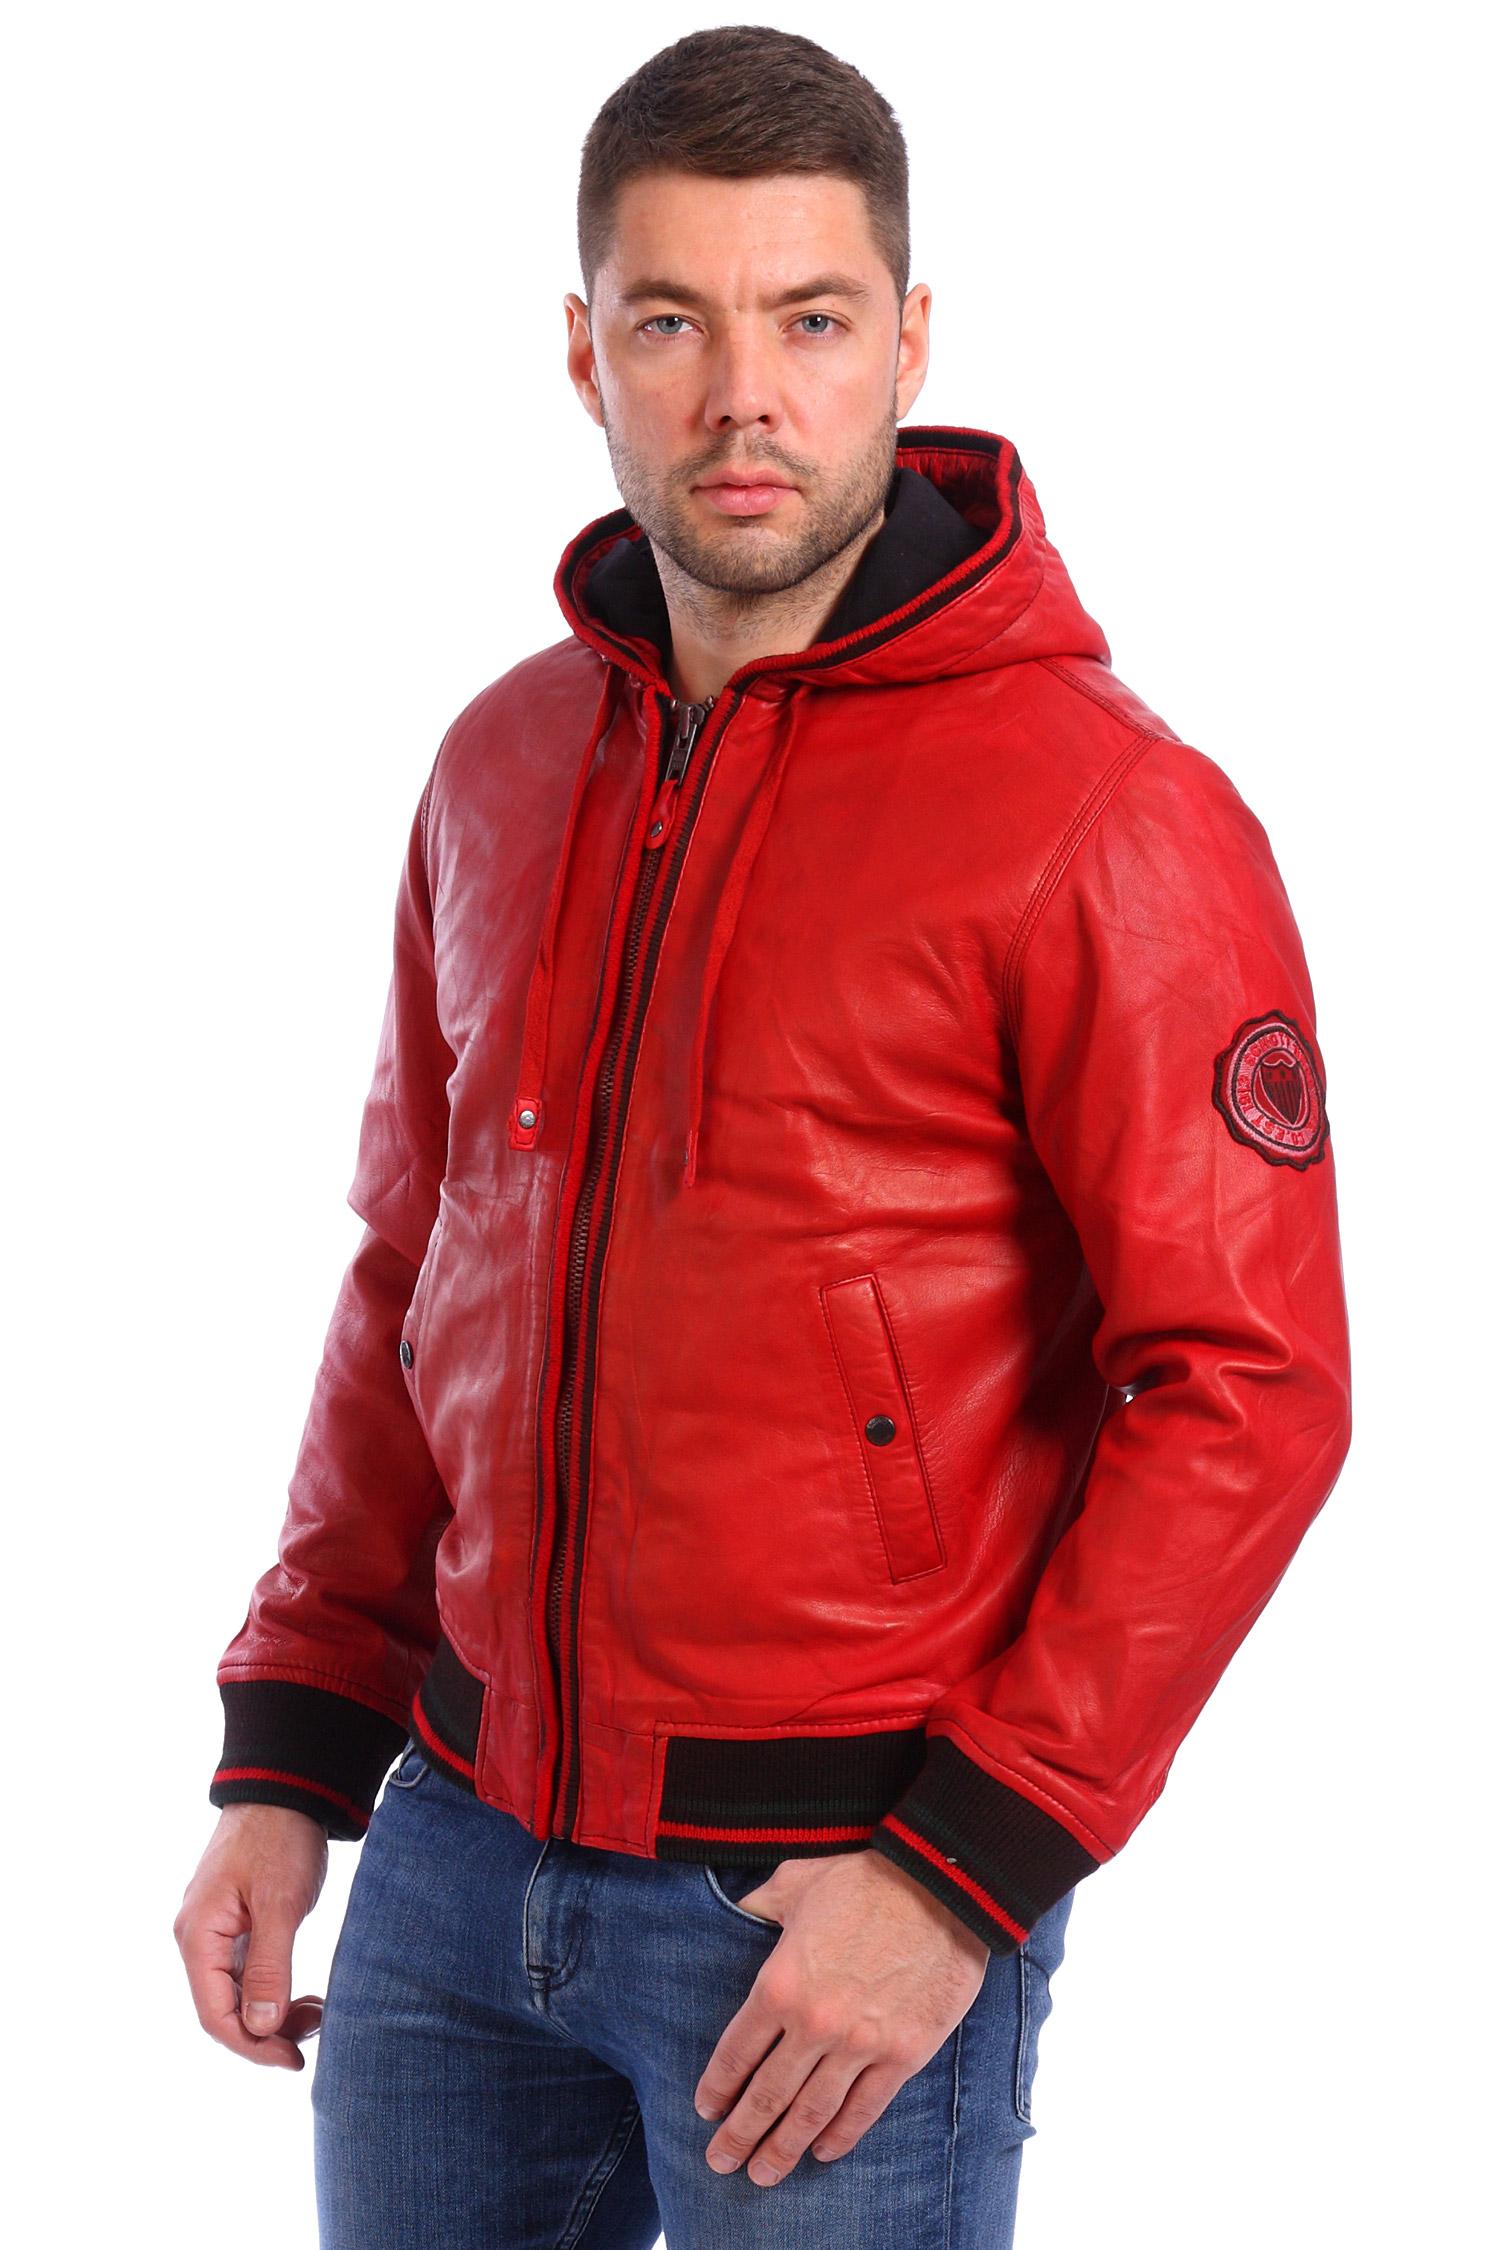 Мужская кожаная куртка из натуральной кожи утепленная с капюшоном, отделка текстиль